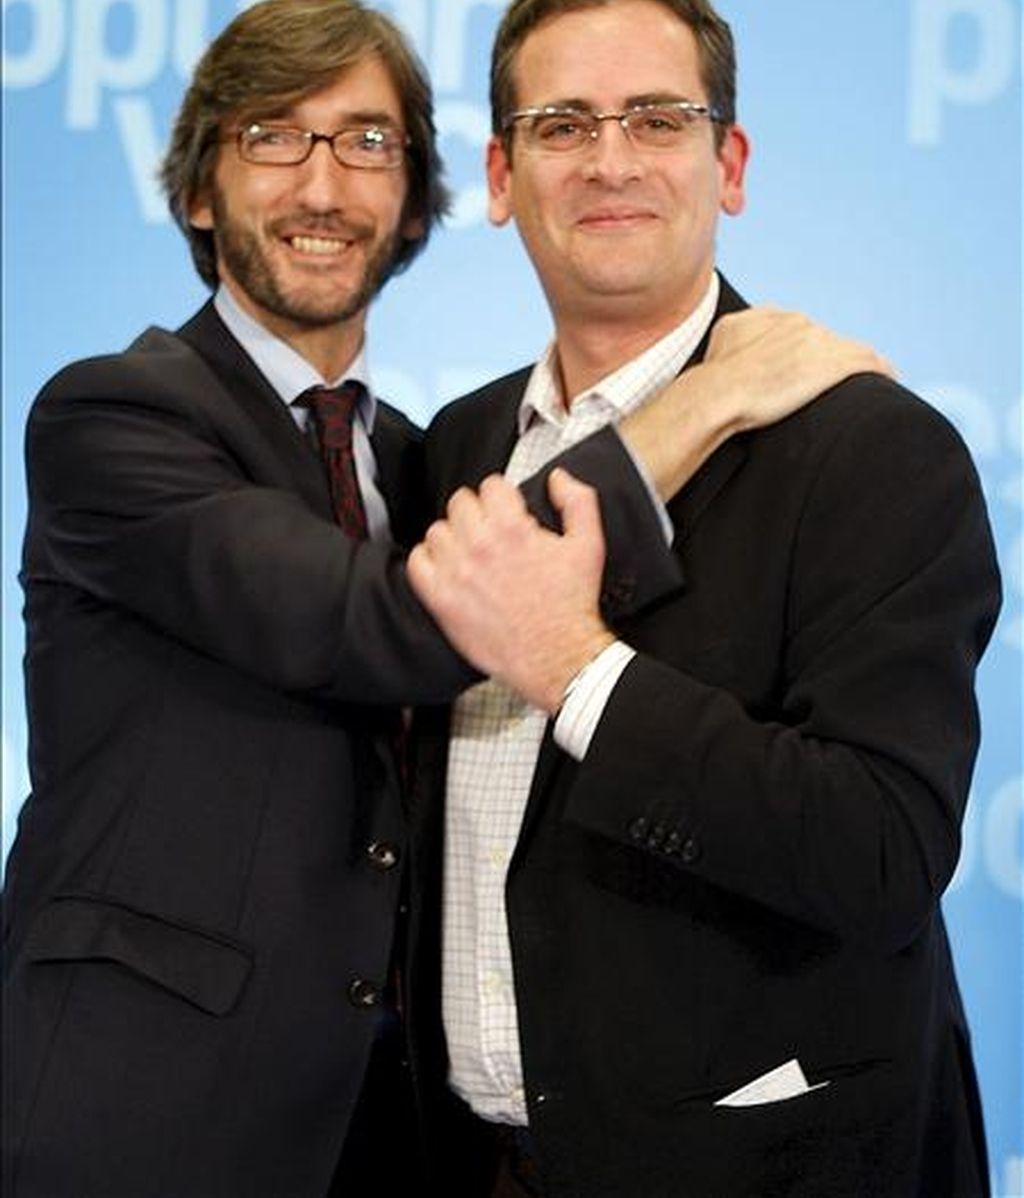 El presidente del PP vasco y candidato a lehendakari, Antonio Basagoiti (d), y el presidente del partido en Vizcaya, Iñaki Oyarzabal, tras la rueda de prensa que han ofrecido hoy en Bilbao tras conocerse el escrutinio de las elecciones autonómicas vascas. EFE